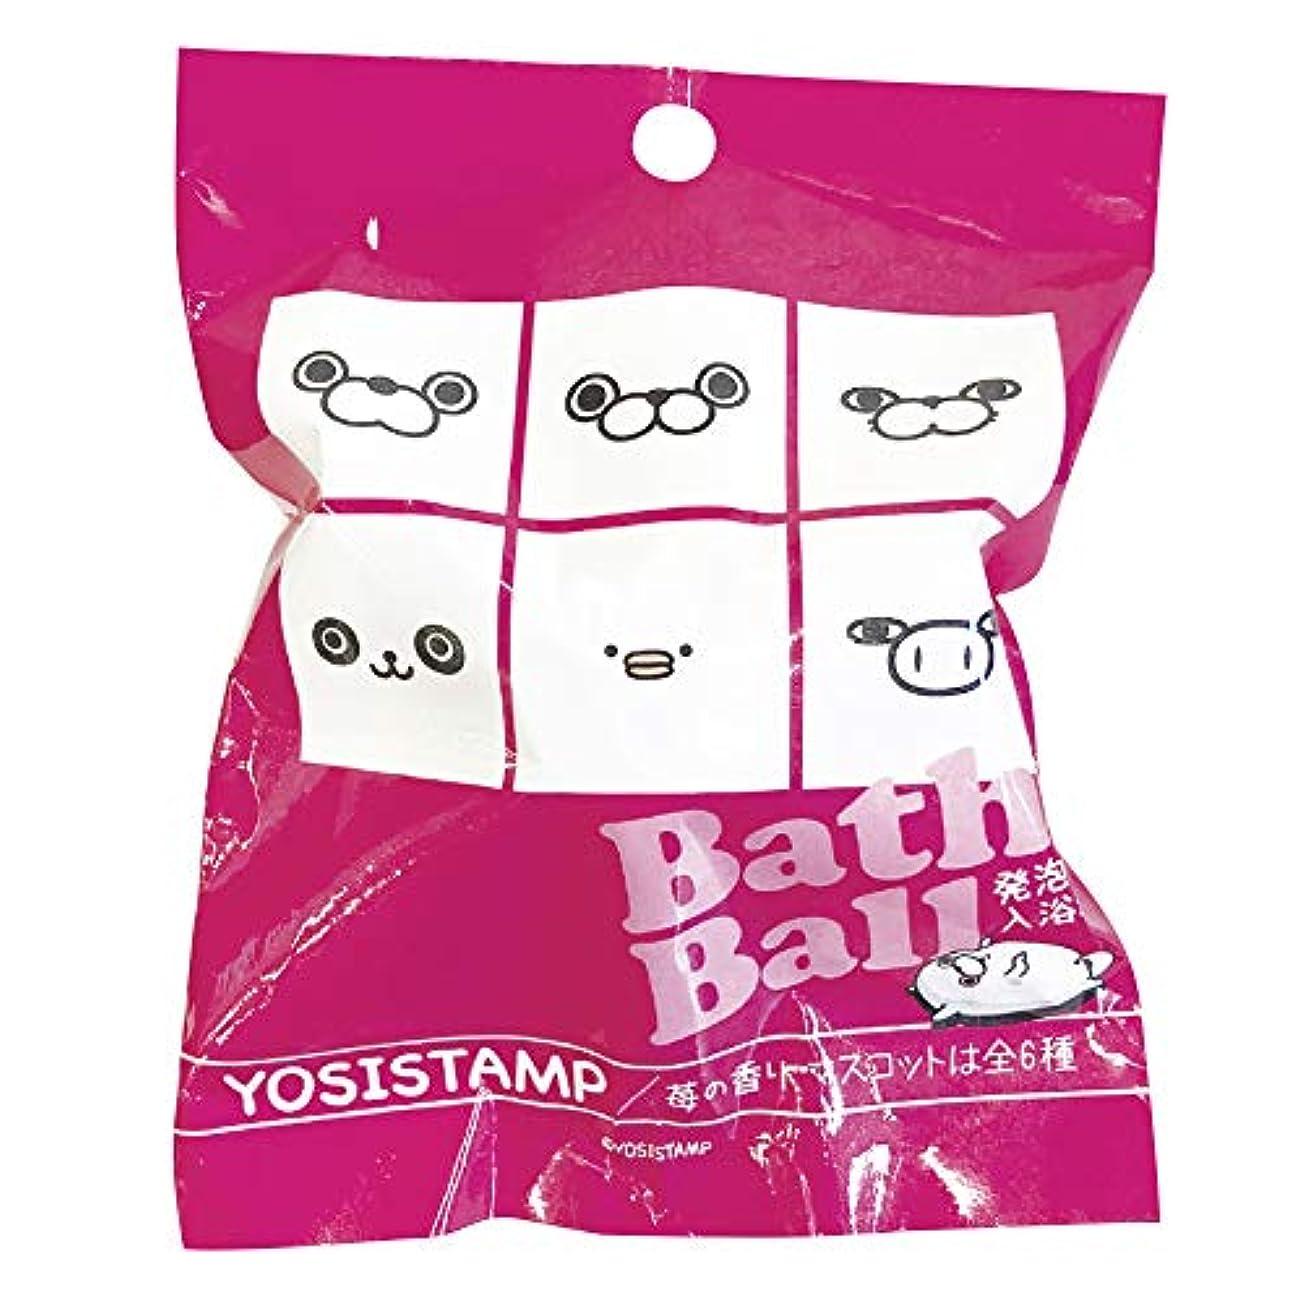 五月ビザバンカーヨッシースタンプ 入浴剤 バスボール おまけ付き イチゴの香り ABD-004-002